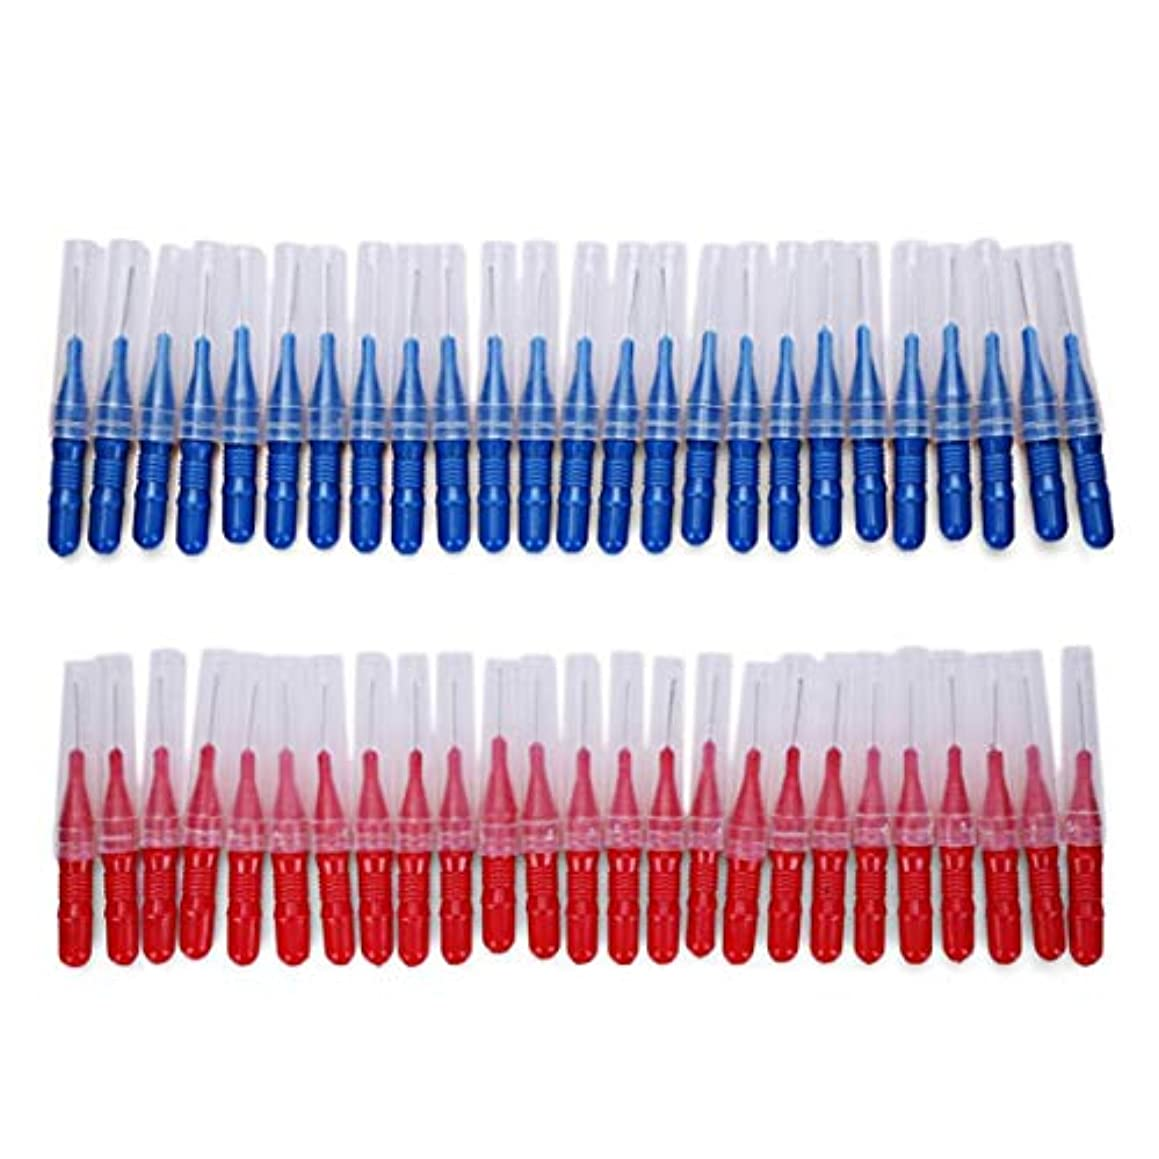 退化する抗生物質エキスパート2.5ミリメートル50ピース/セットブラッシング歯すきま歯ブラシクリーニングツール歯のケア歯科用歯間ブラシ - 赤と青